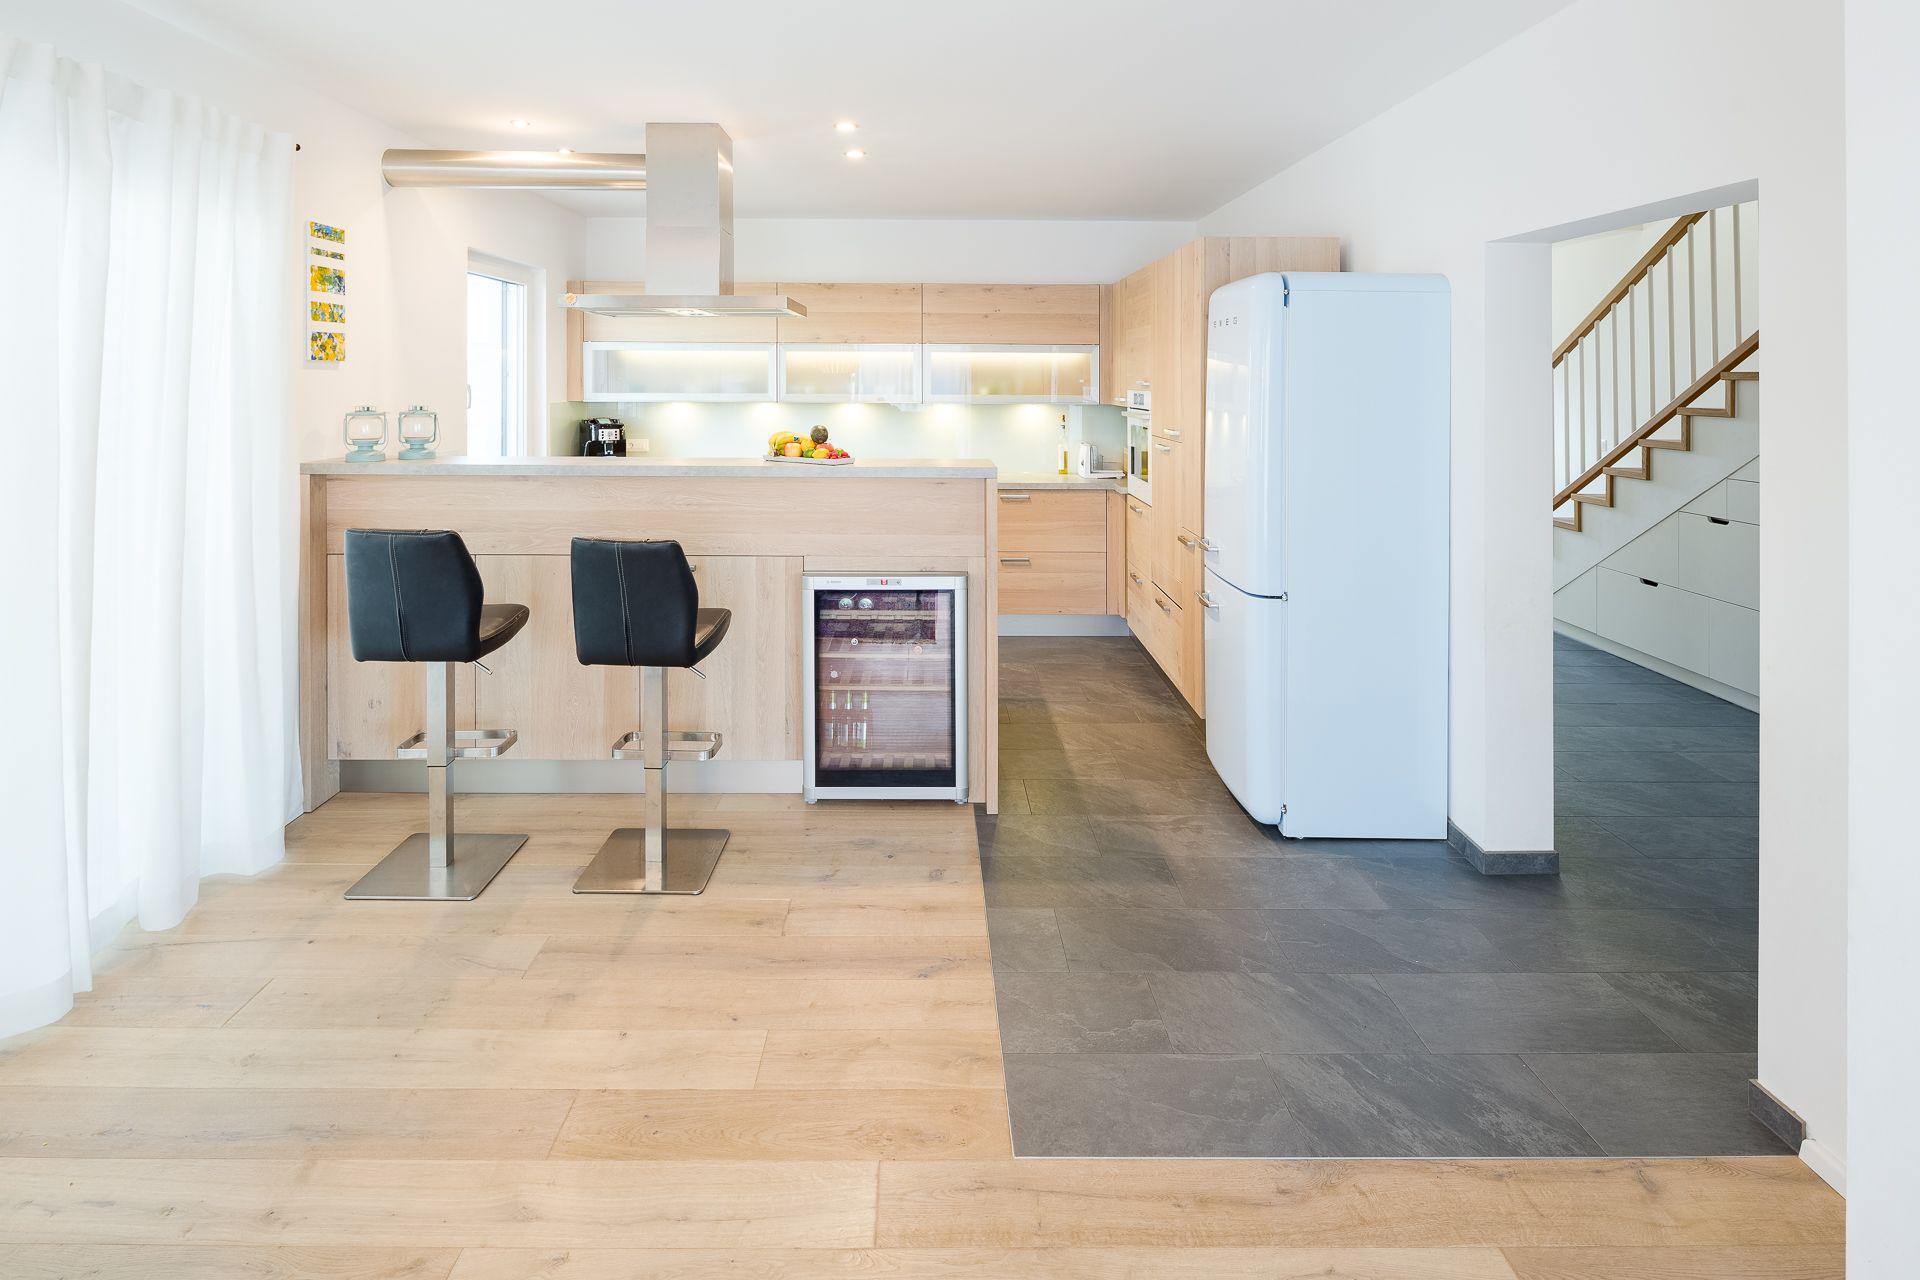 Küchenblock mit bar  Küche mit Holzfronten und freistehendem Retro-Kühlschrank ...